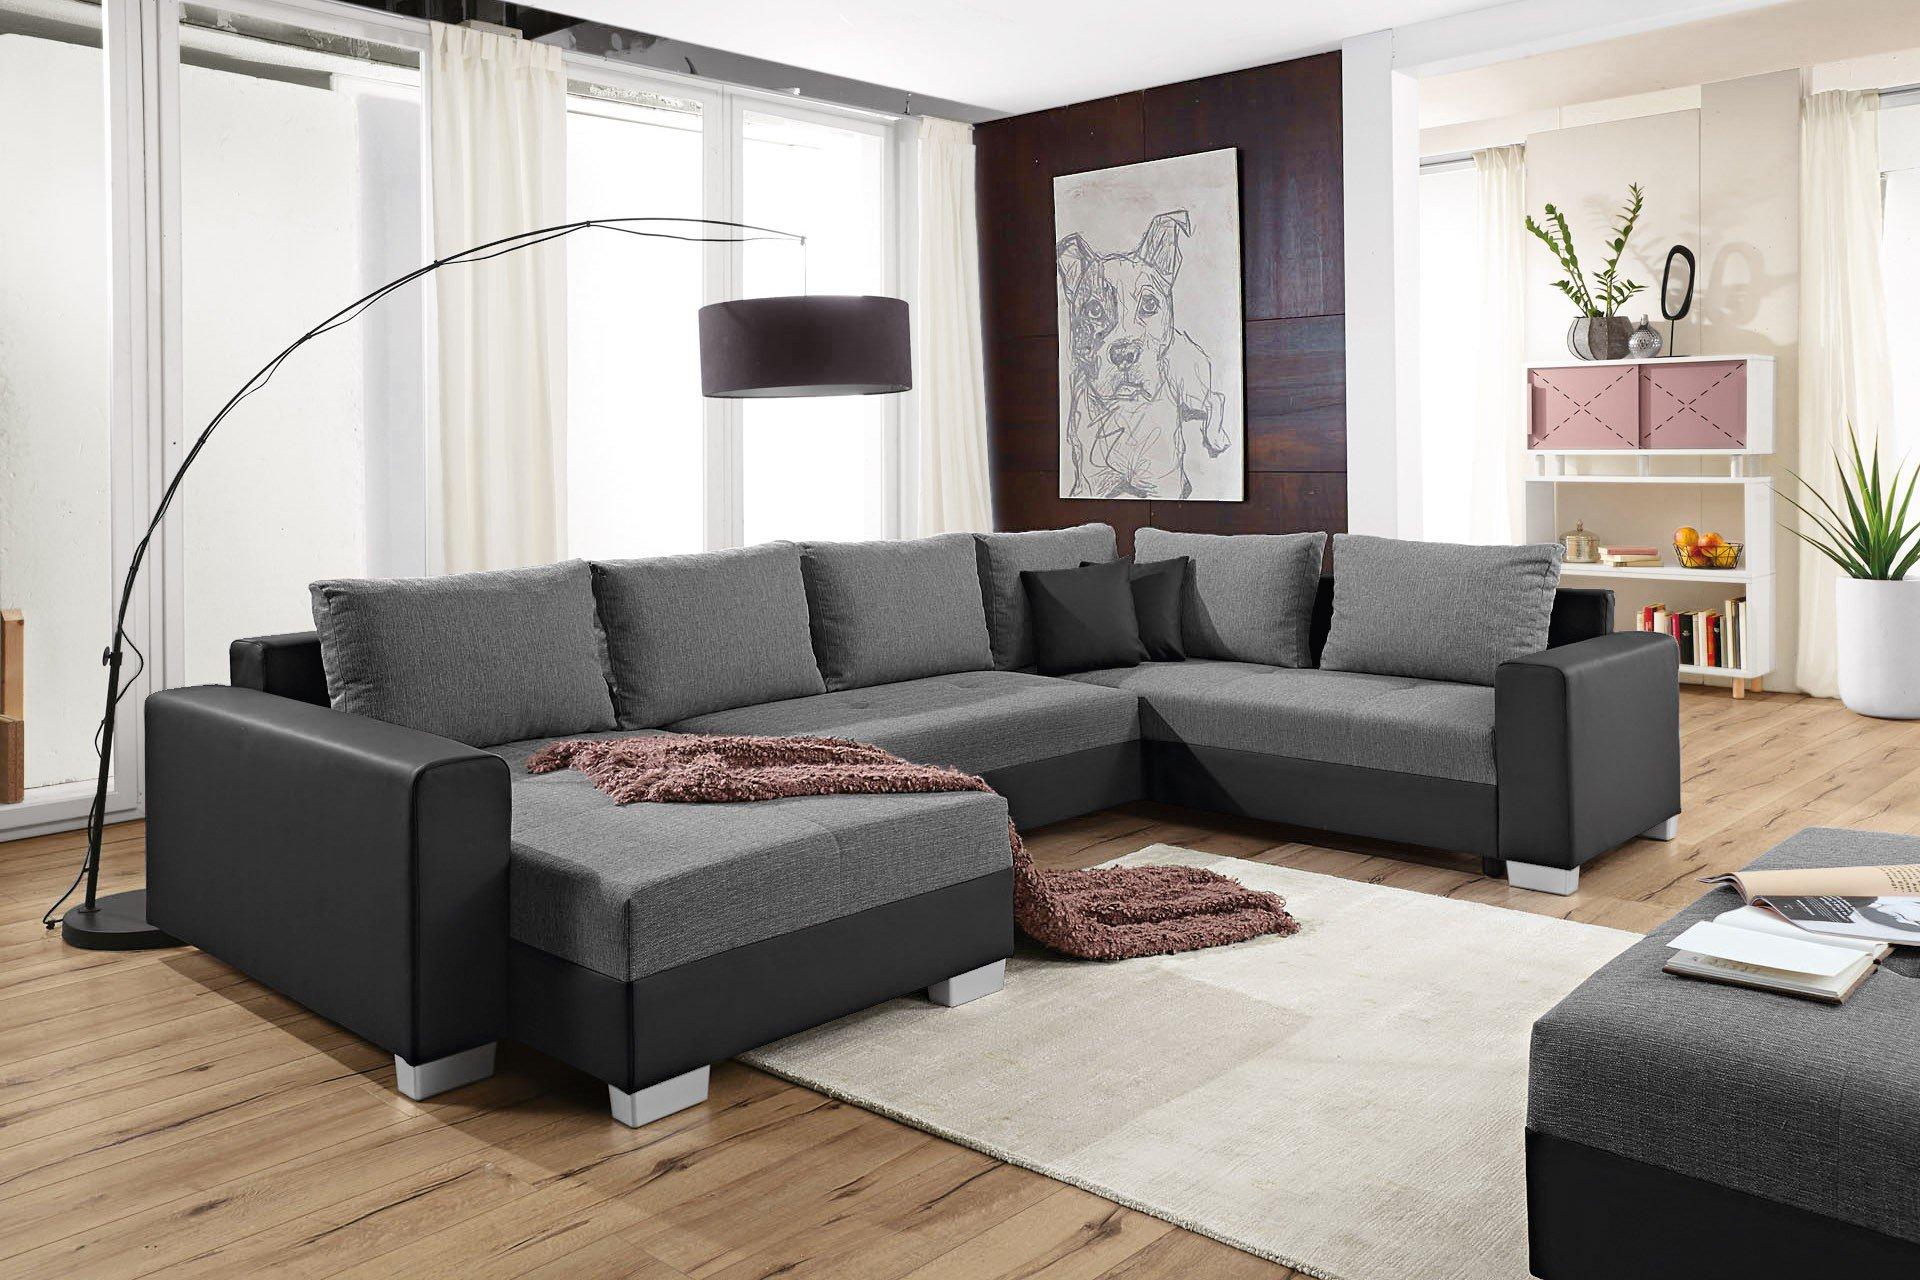 reality largo sofalandschaft grau schwarz m bel letz. Black Bedroom Furniture Sets. Home Design Ideas